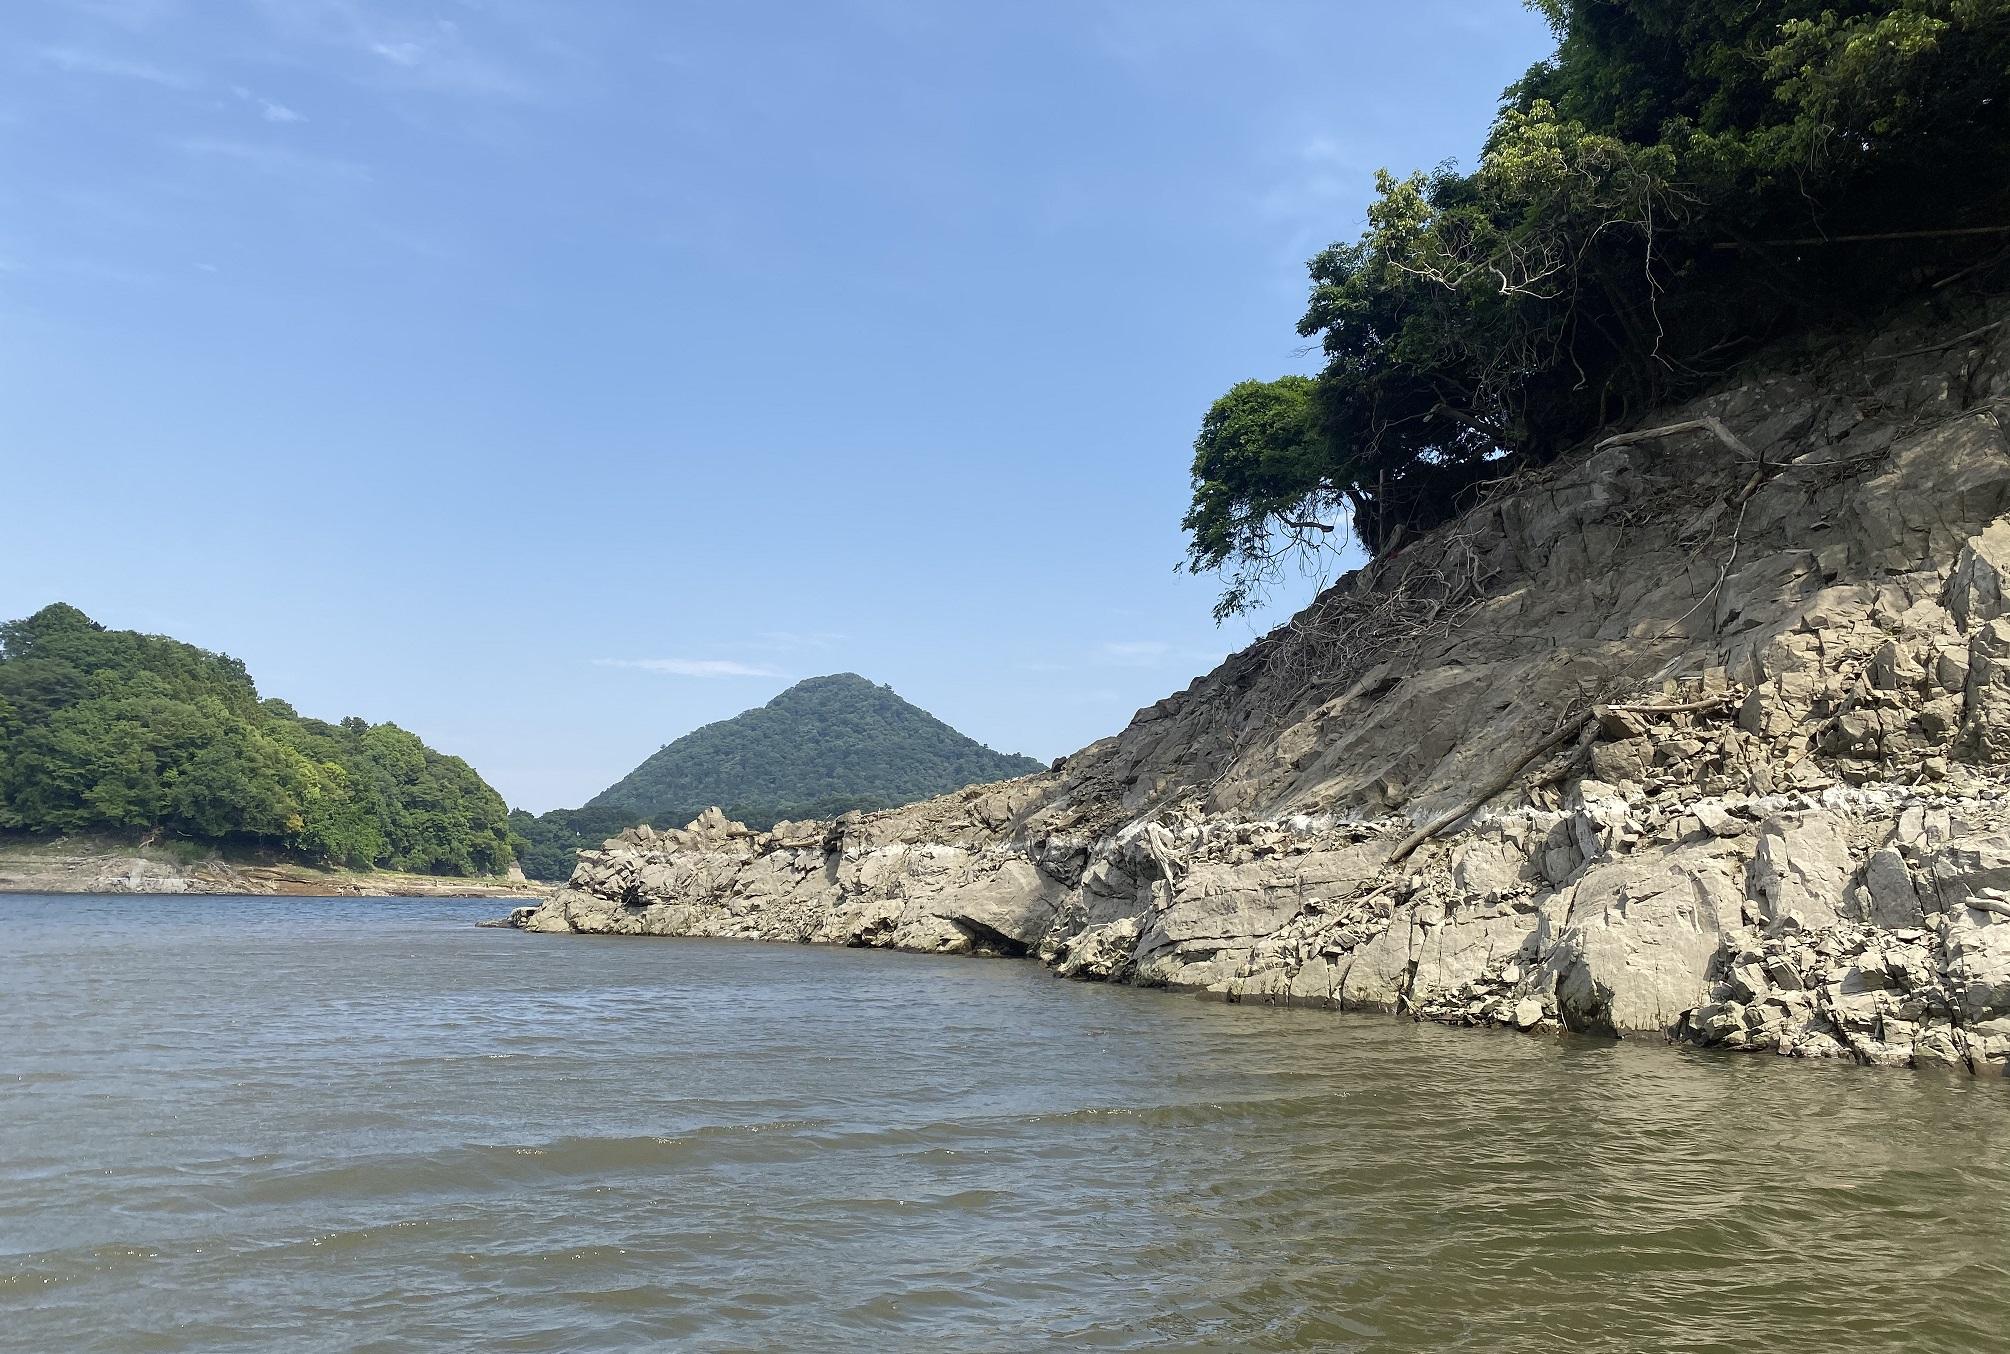 津久井湖 4番岬